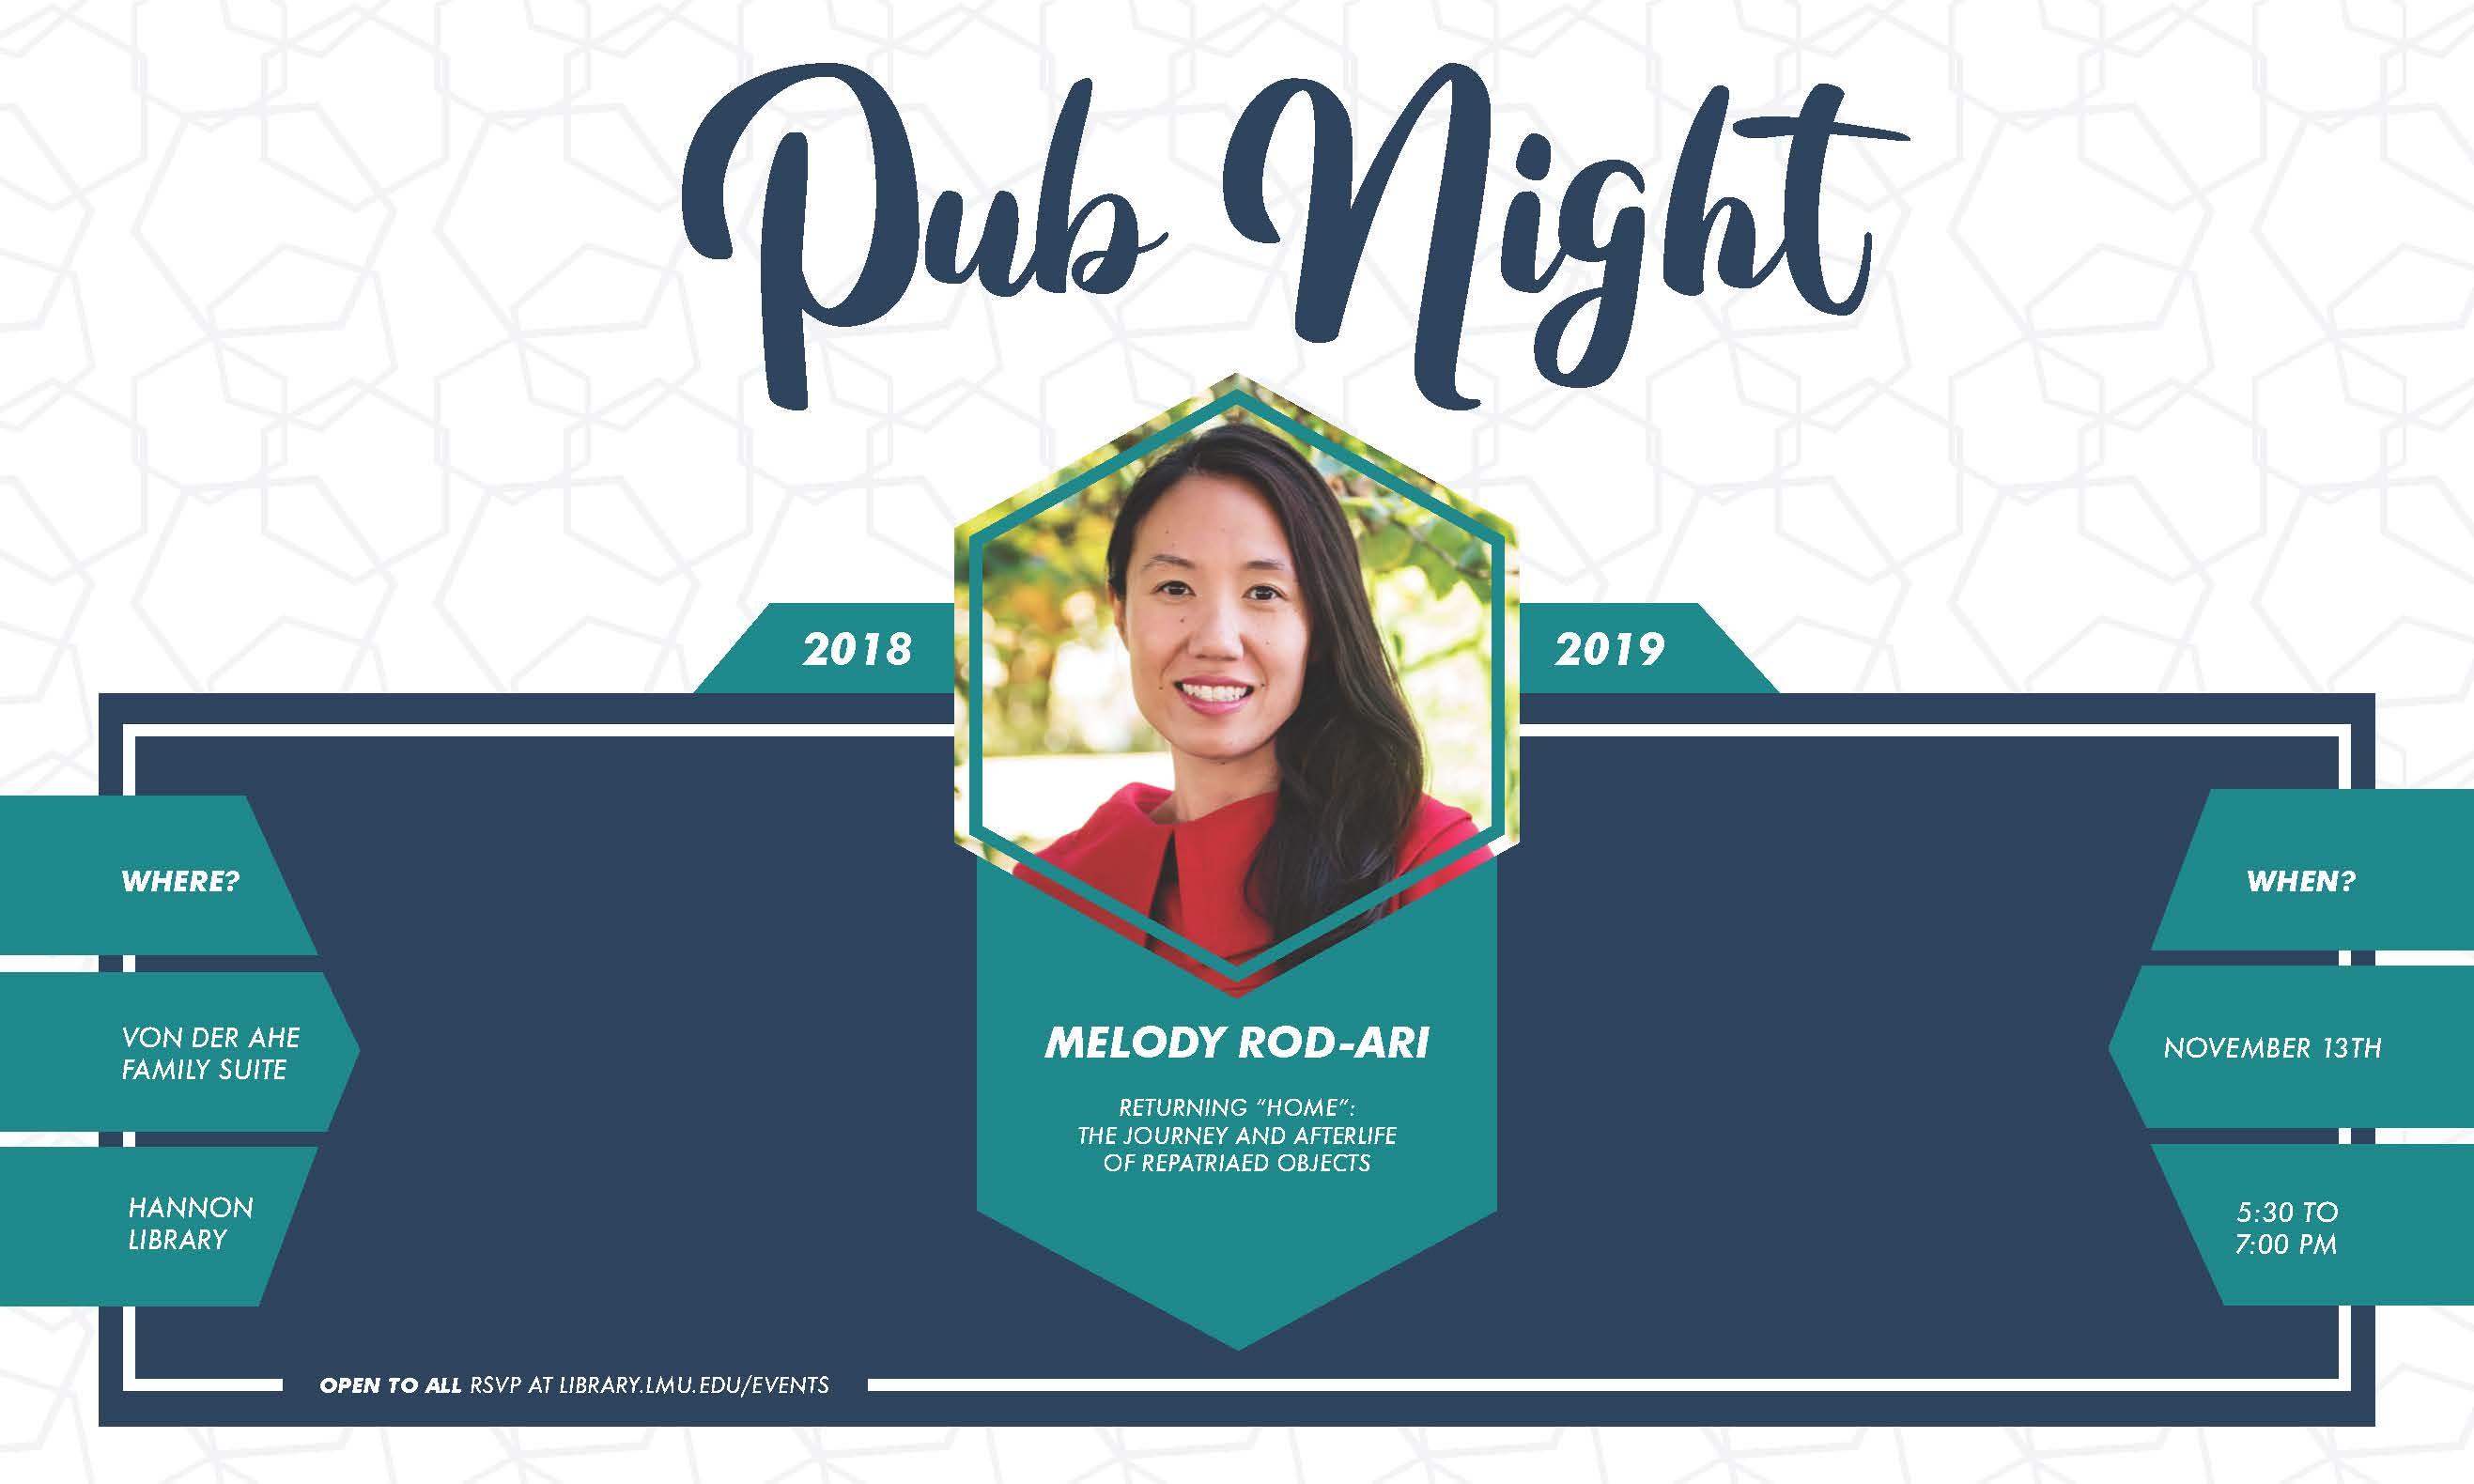 Rodari Pub Night promo